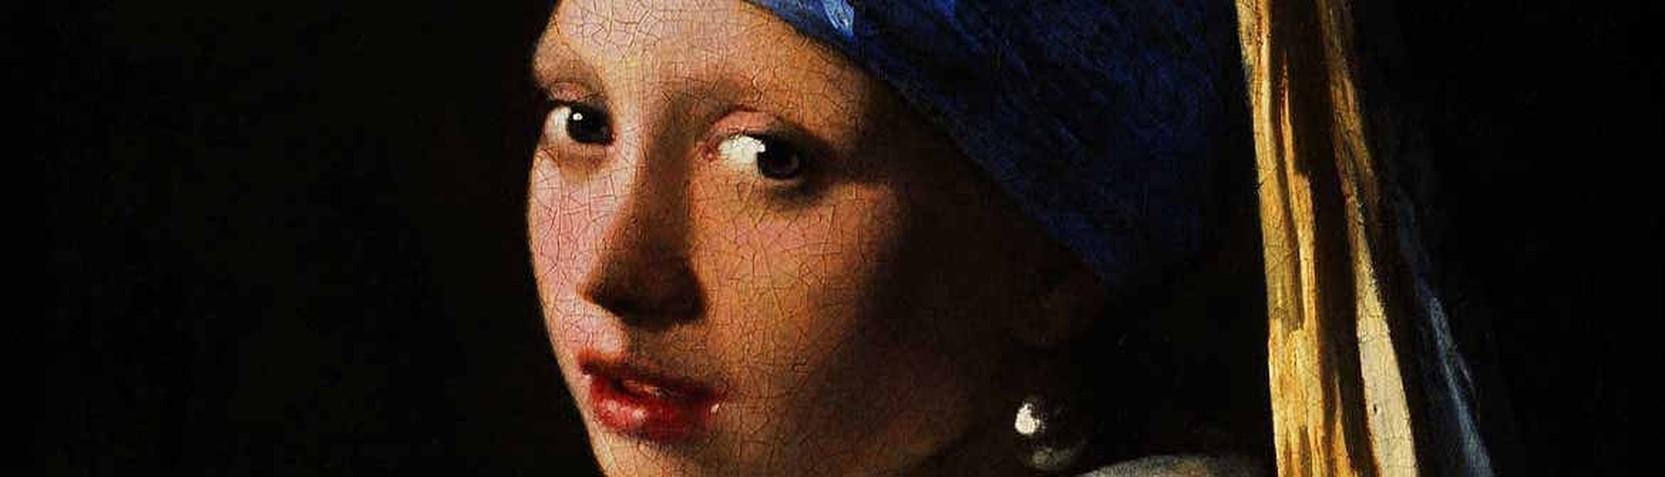 Artyści - Jan Vermeer